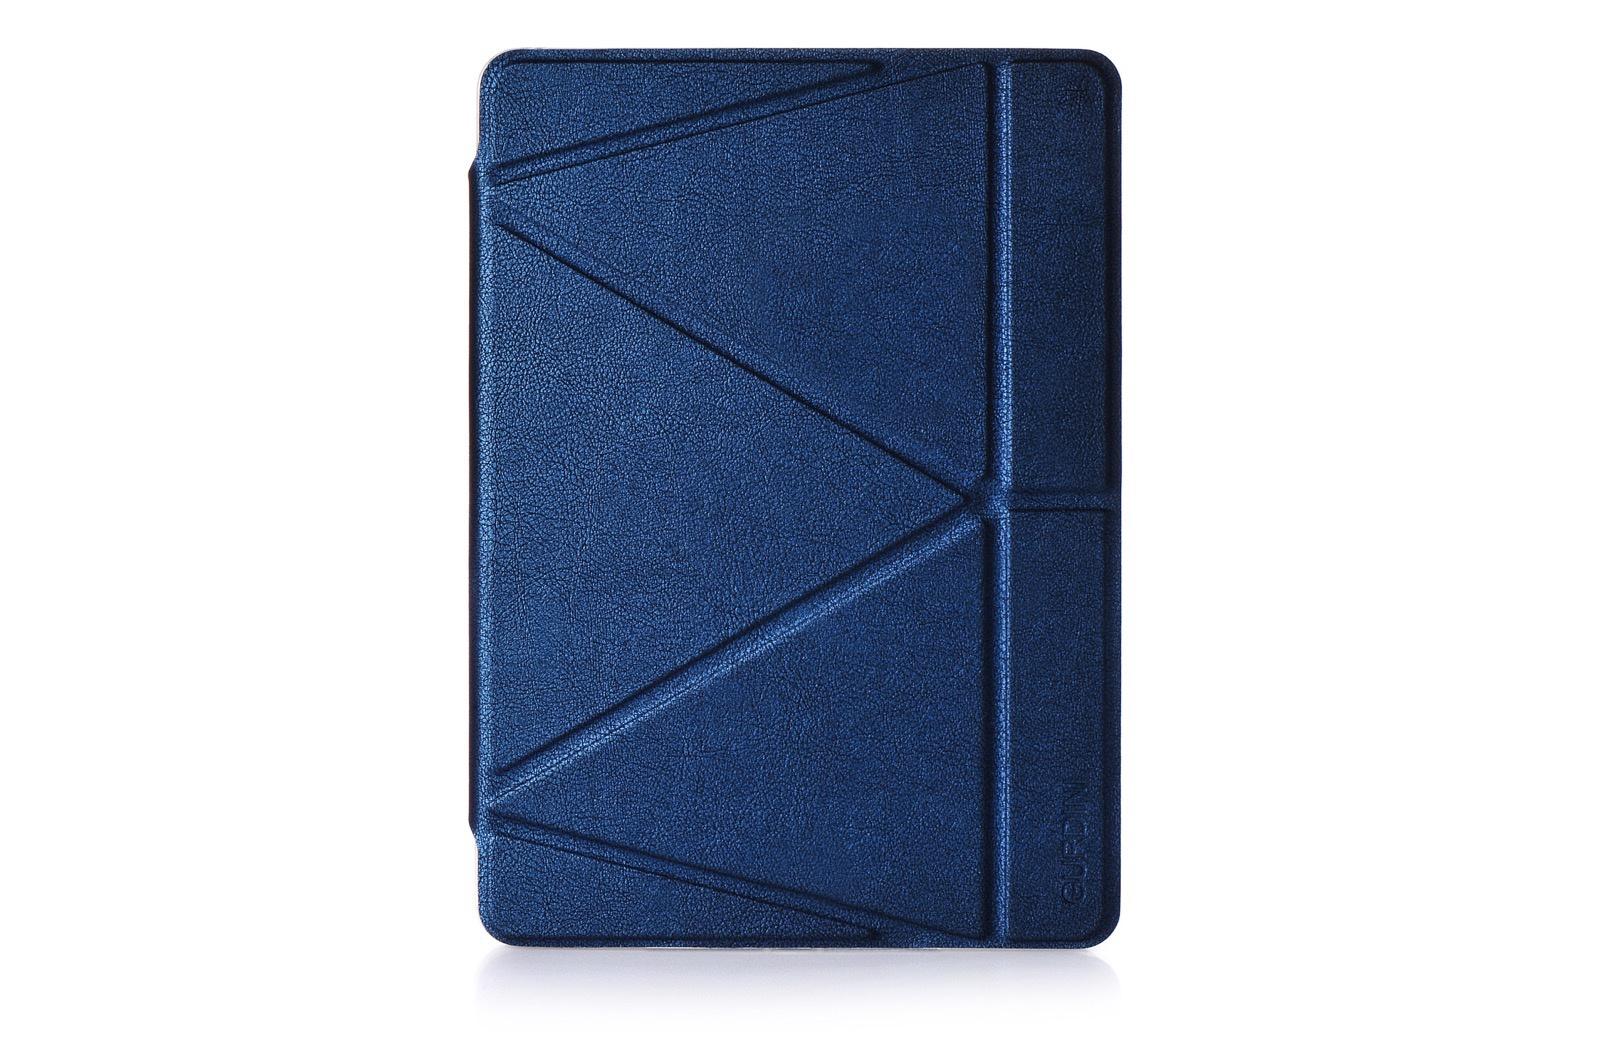 """Чехол для планшета Gurdini Lights Series 410361 для Apple Ipad mini 4 7.9"""", 410361, синий"""